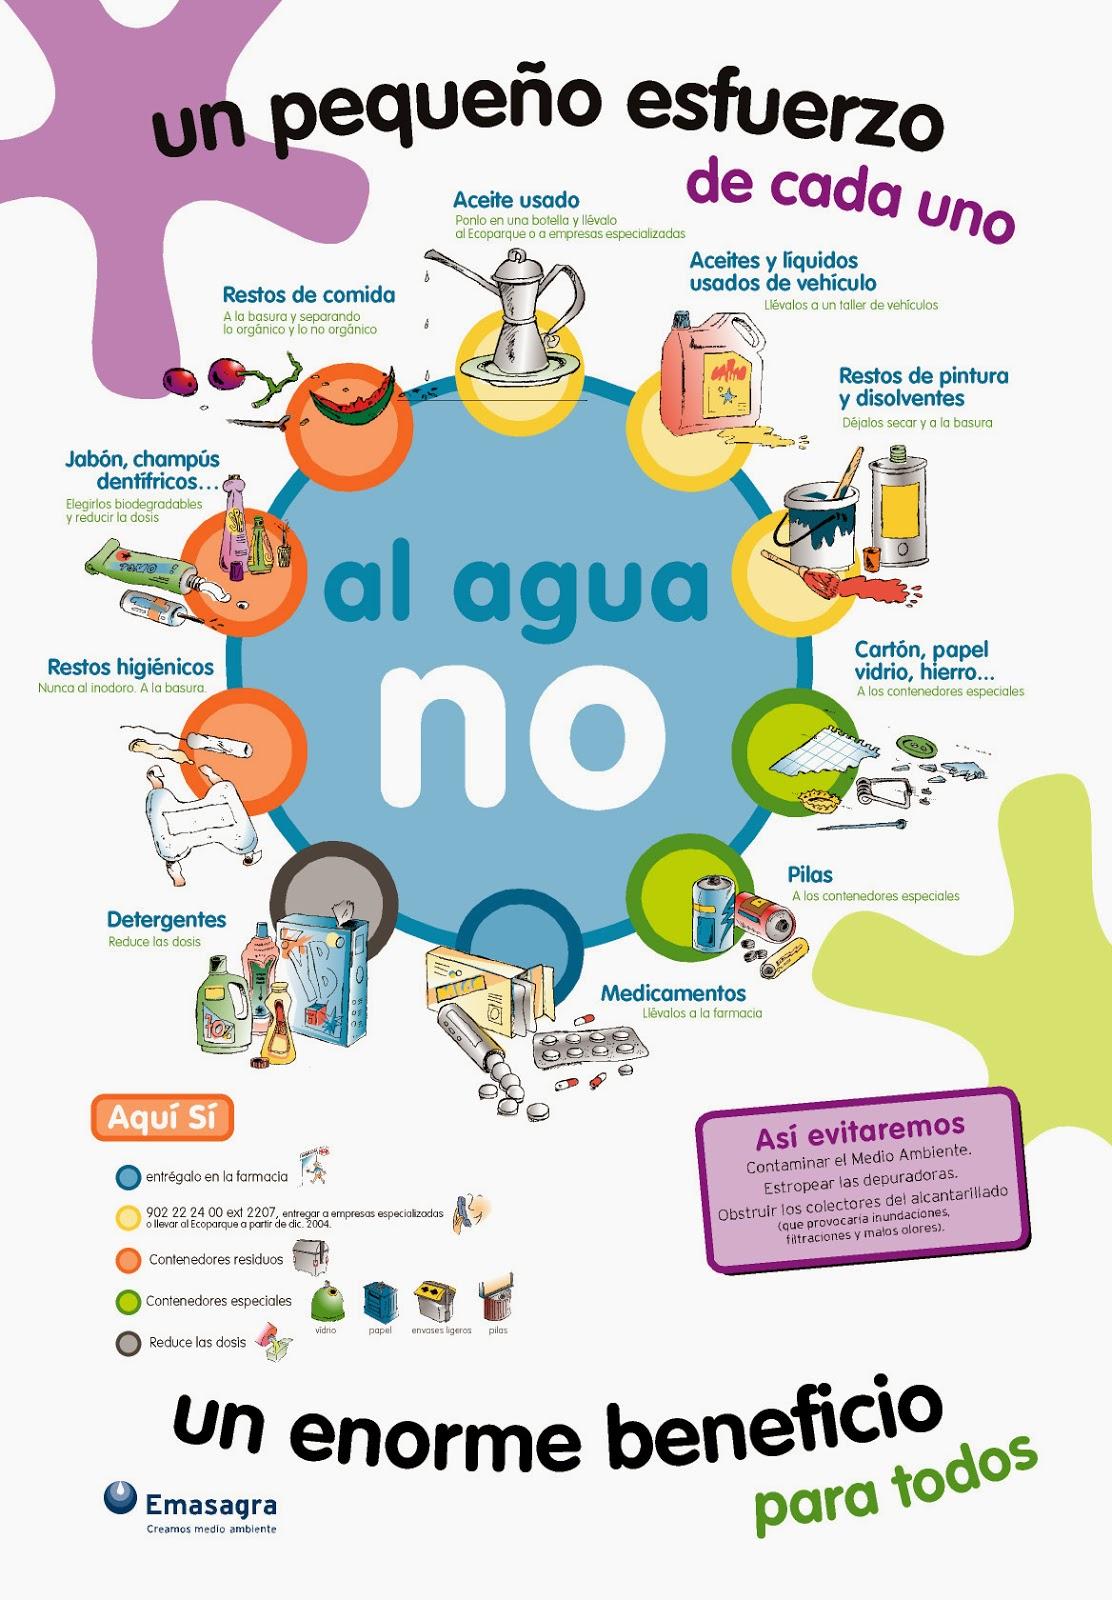 Paula informatica articulo no contamines el agua for Cosas para ahorrar agua